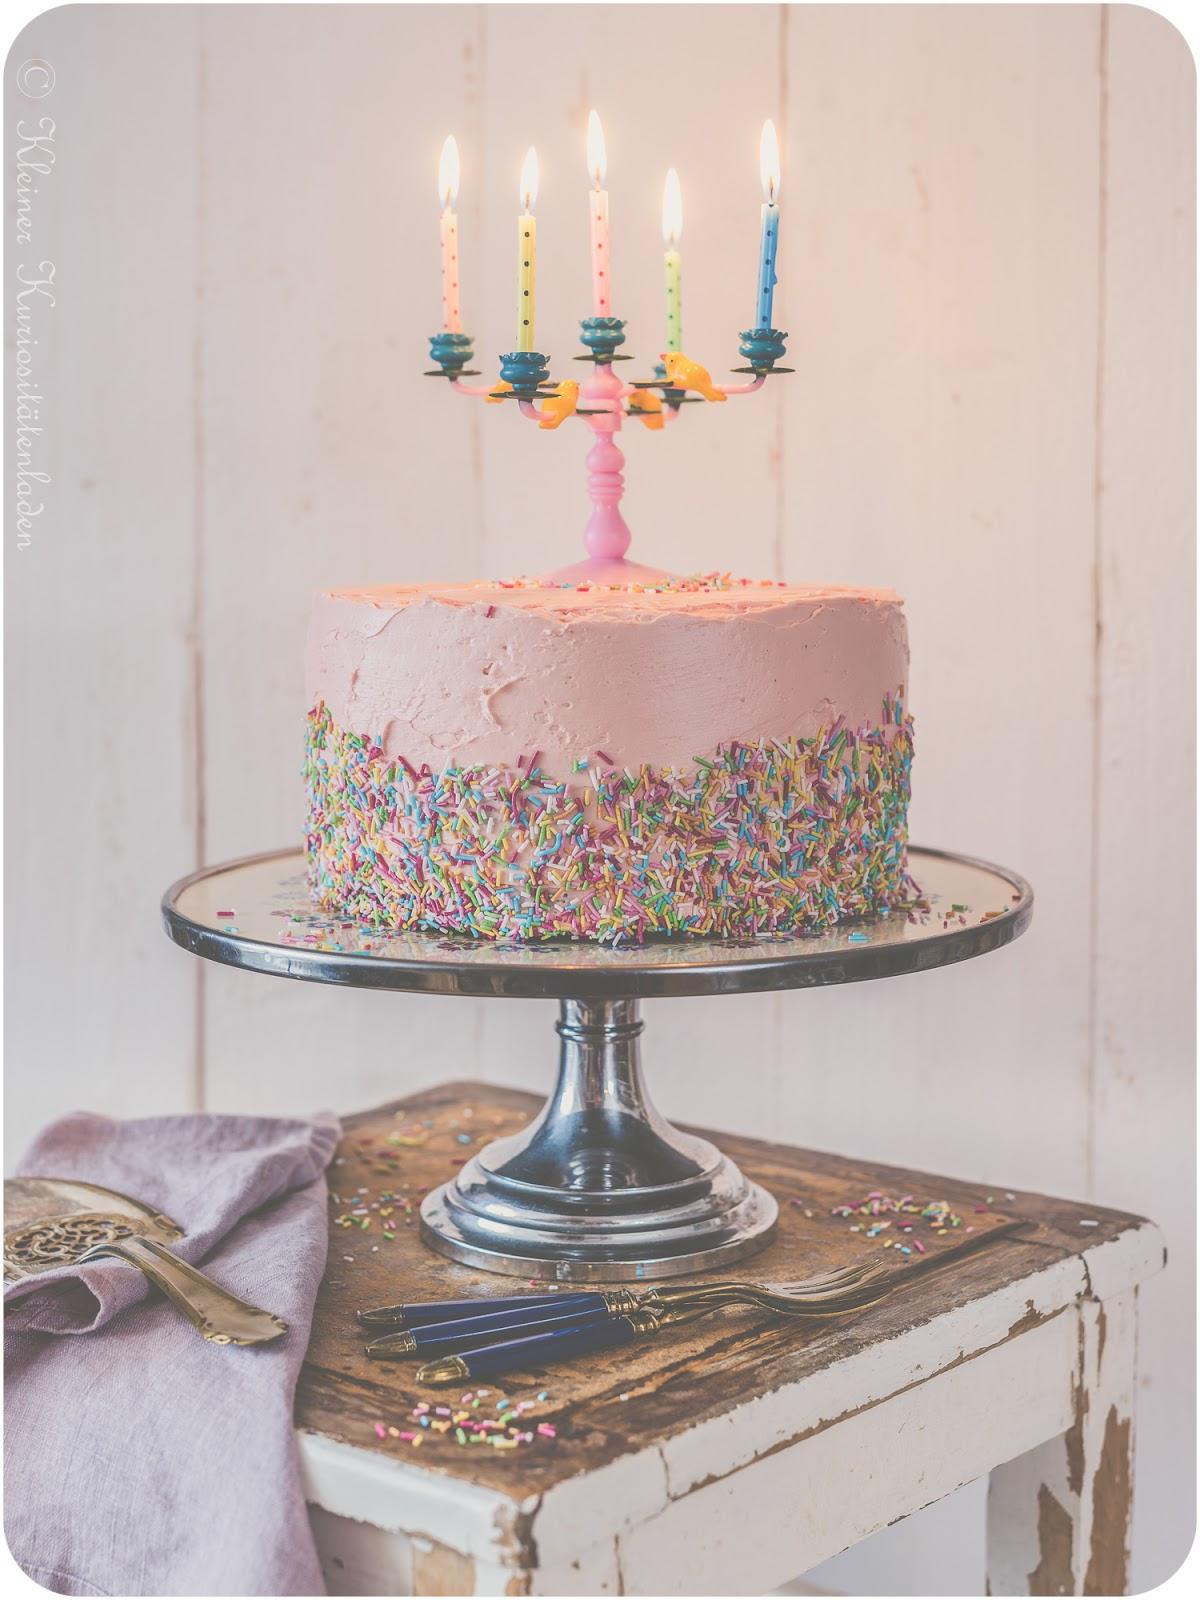 Kleiner Kuriositätenladen: Funfetti Cake zum 10. Bloggeburtstag